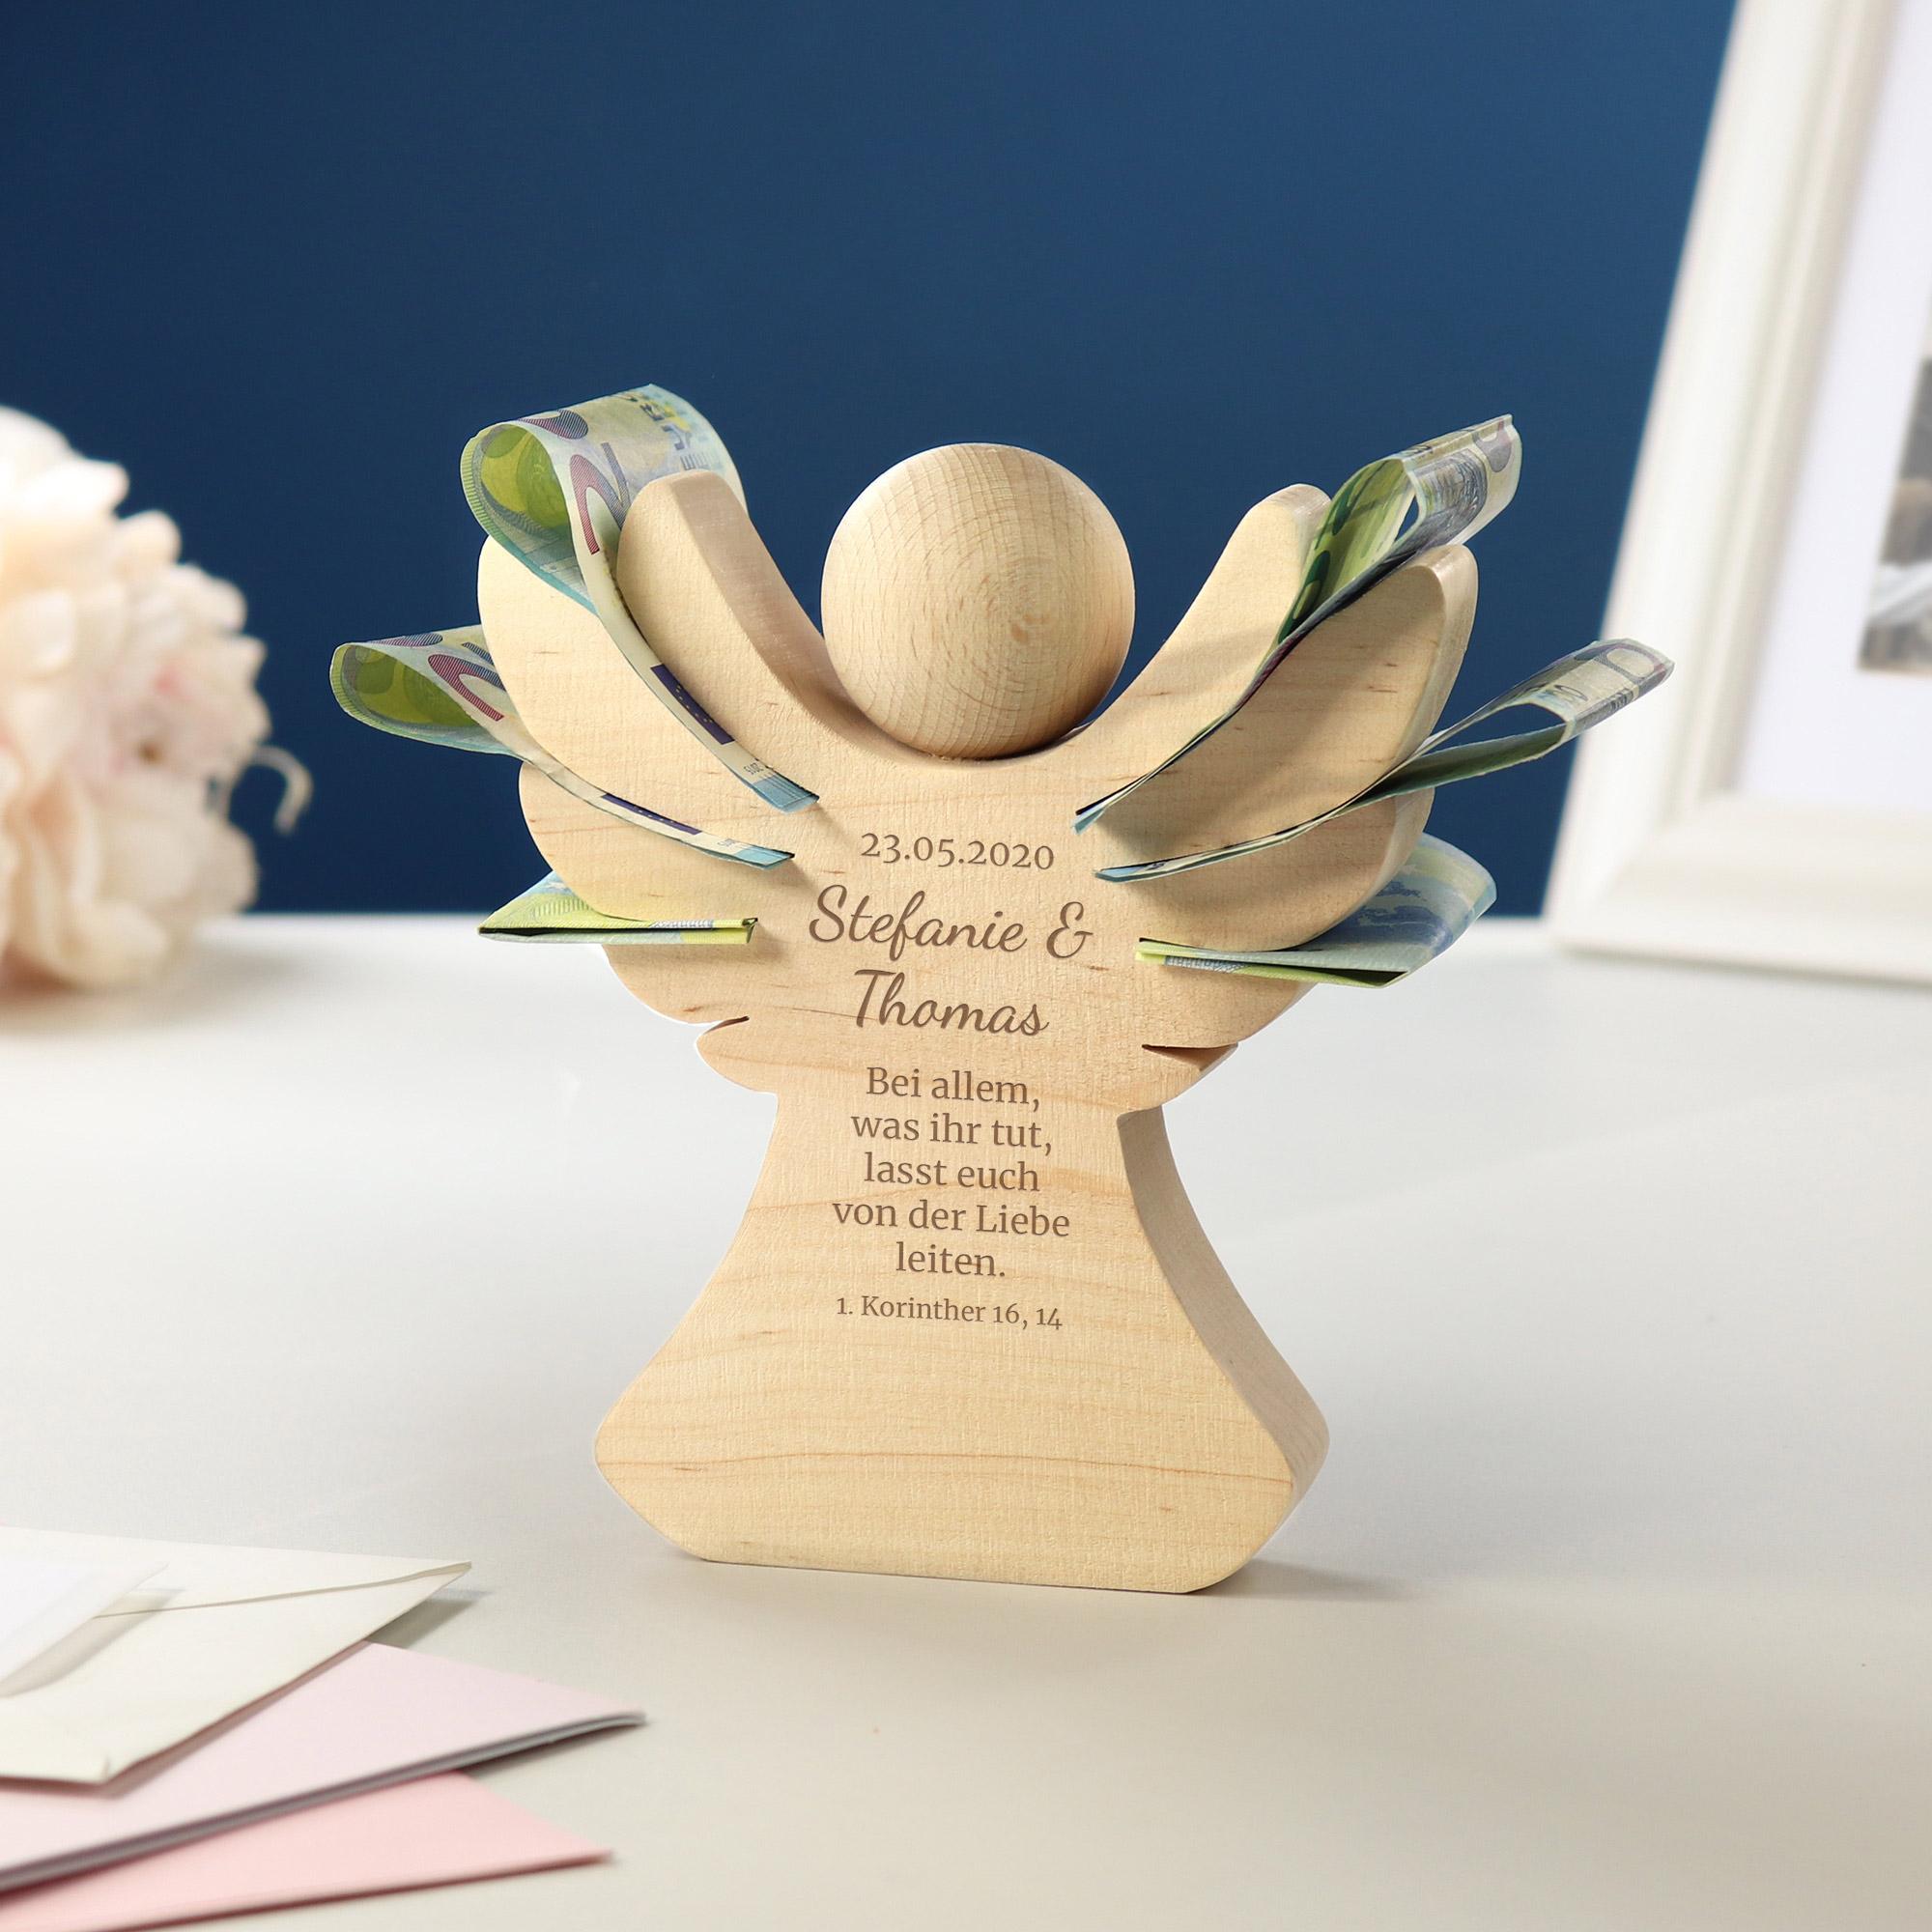 Engel aus Holz mit Gravur zur Hochzeit - Segen - Personalisiert